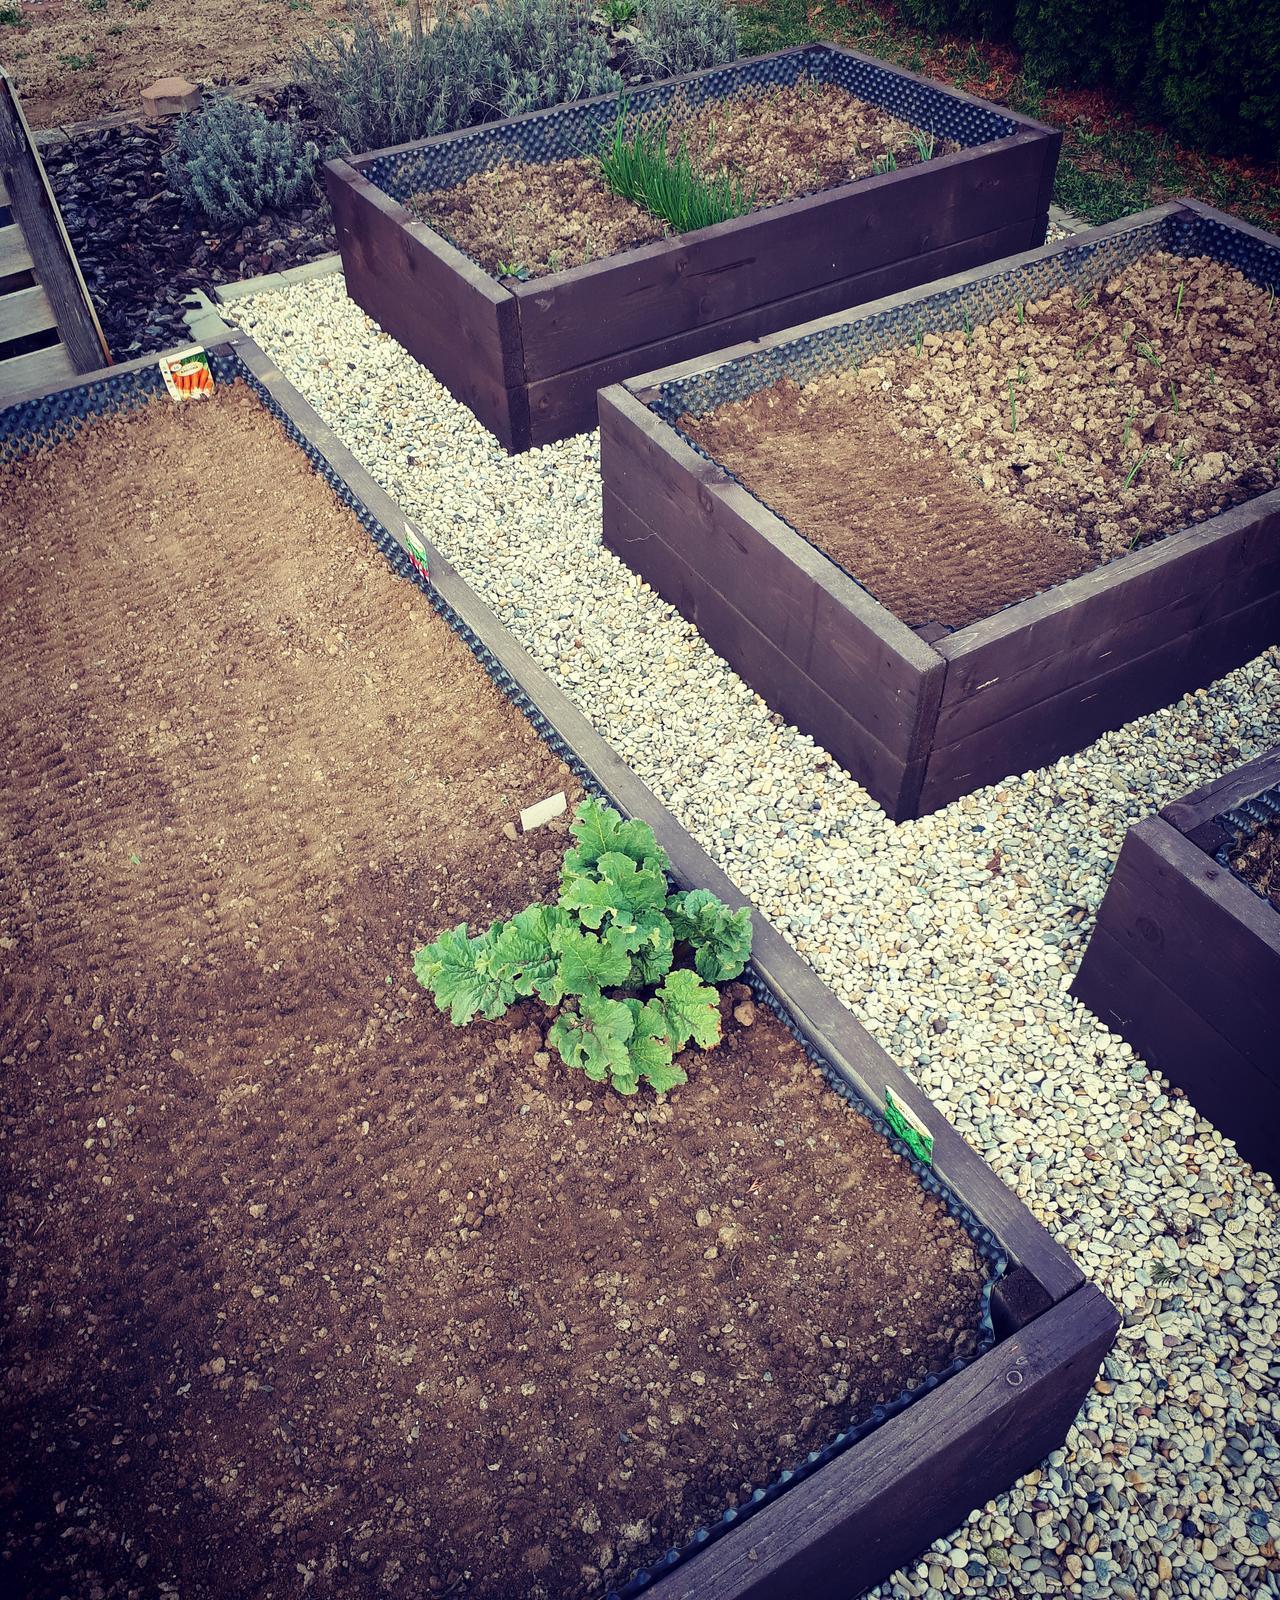 Vyvýšené záhony - podľa nás :-) - Dnes brigáda.....záhony okopané vytrhaná zelinka a nasadené semiačka reďkovky, špenátu, mrkvy a šalátu 😊😊  cibuľka už ide tiež